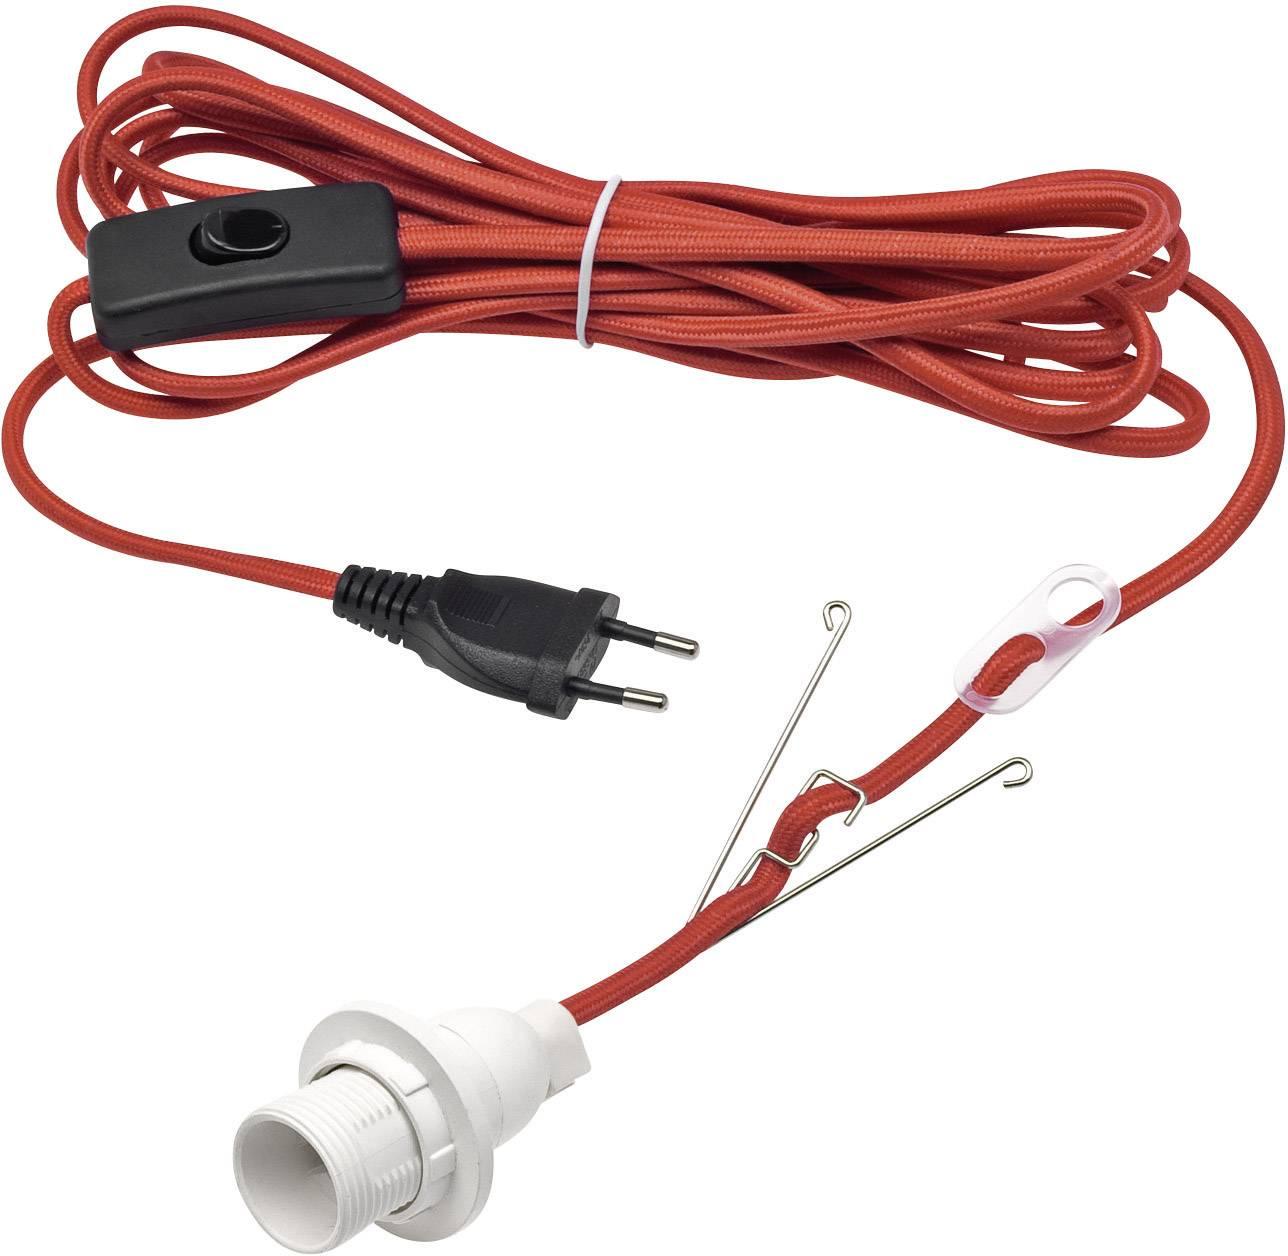 Připojovací kabel s objímkou a spínačem Konstsmide 2998-550, 230 V, 5 m, červená